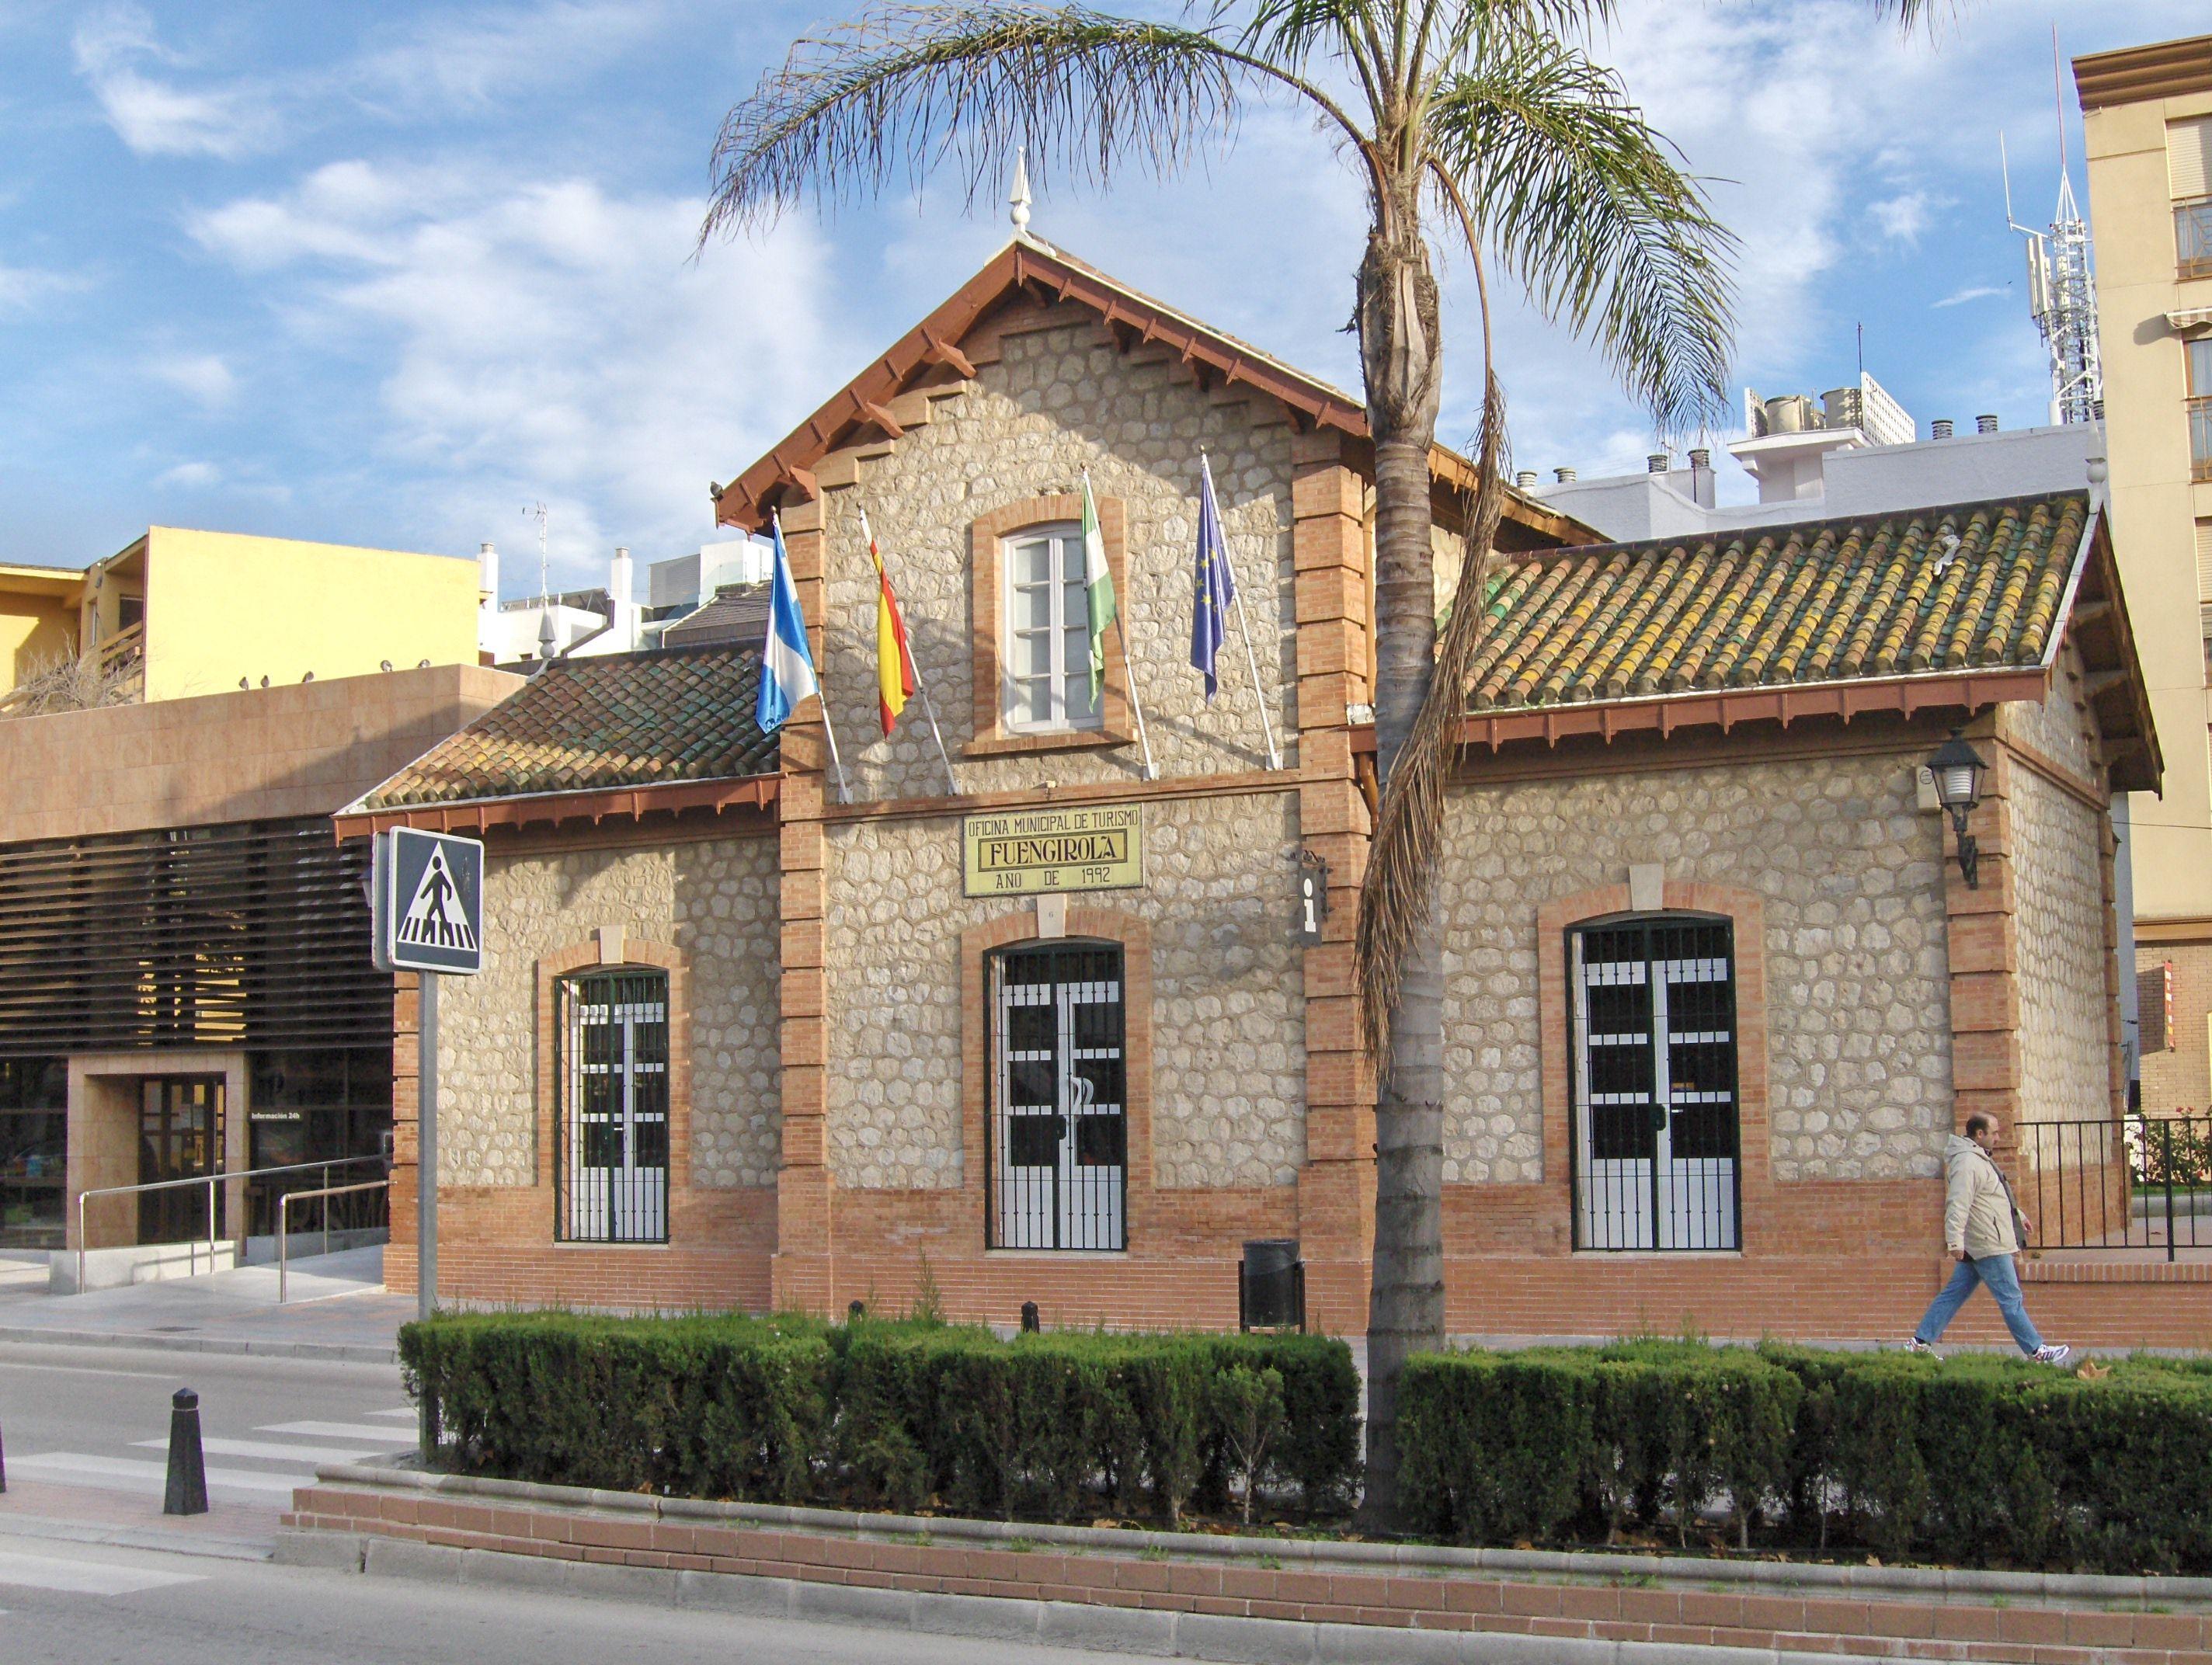 antiguo estación ferrocarriles Fuengirola